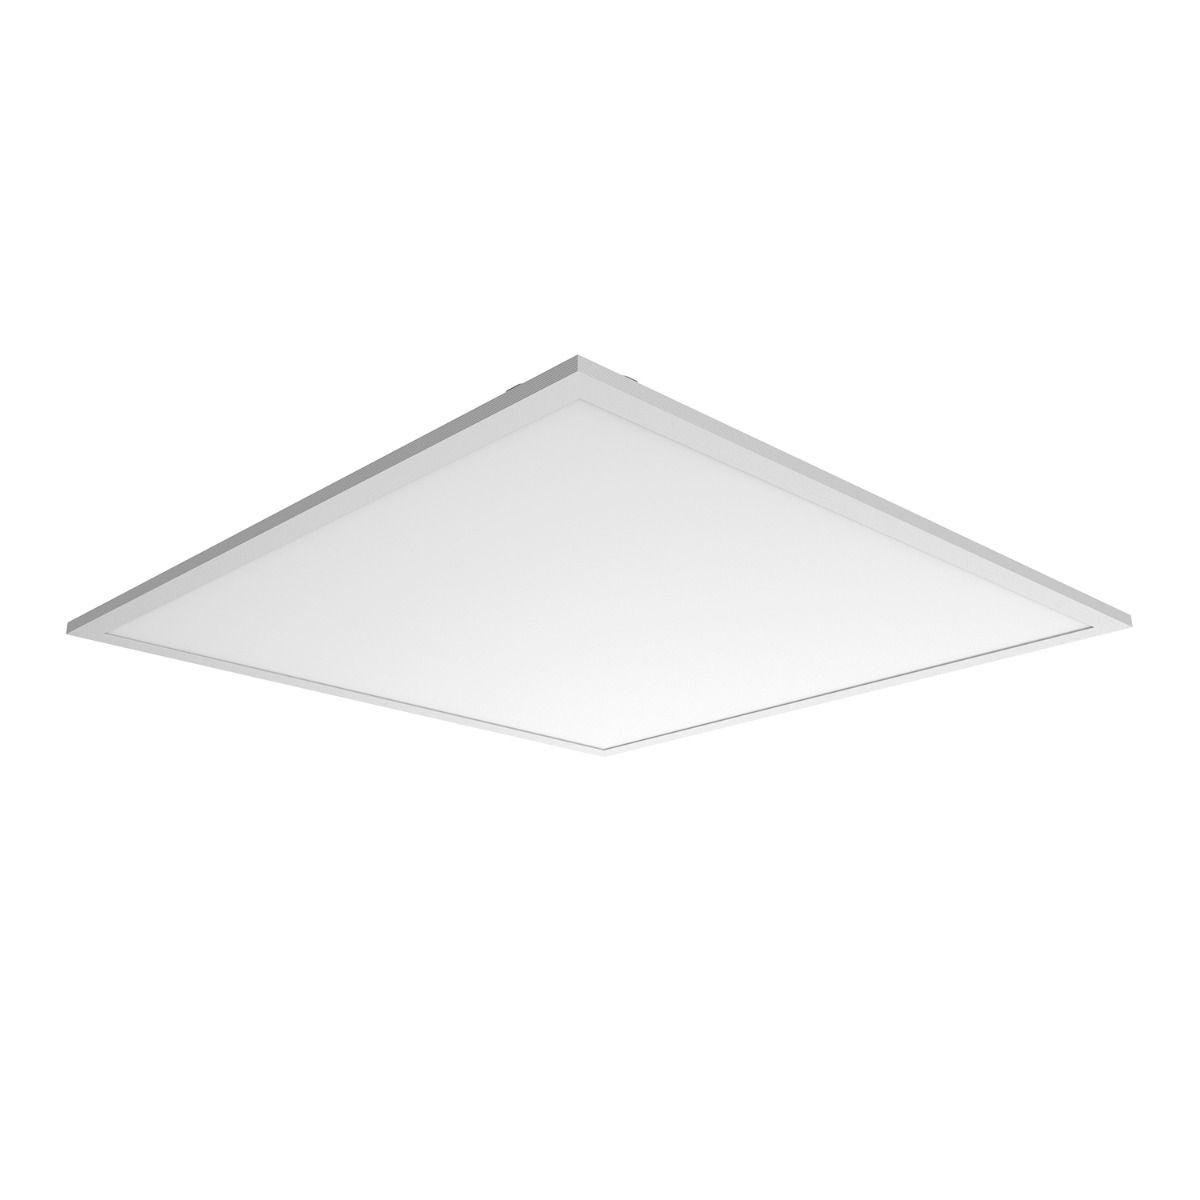 Noxion LED Paneel Delta Pro V3 30W 3000K 3960lm 60x60cm UGR <22 | Vervanger voor 4x18W